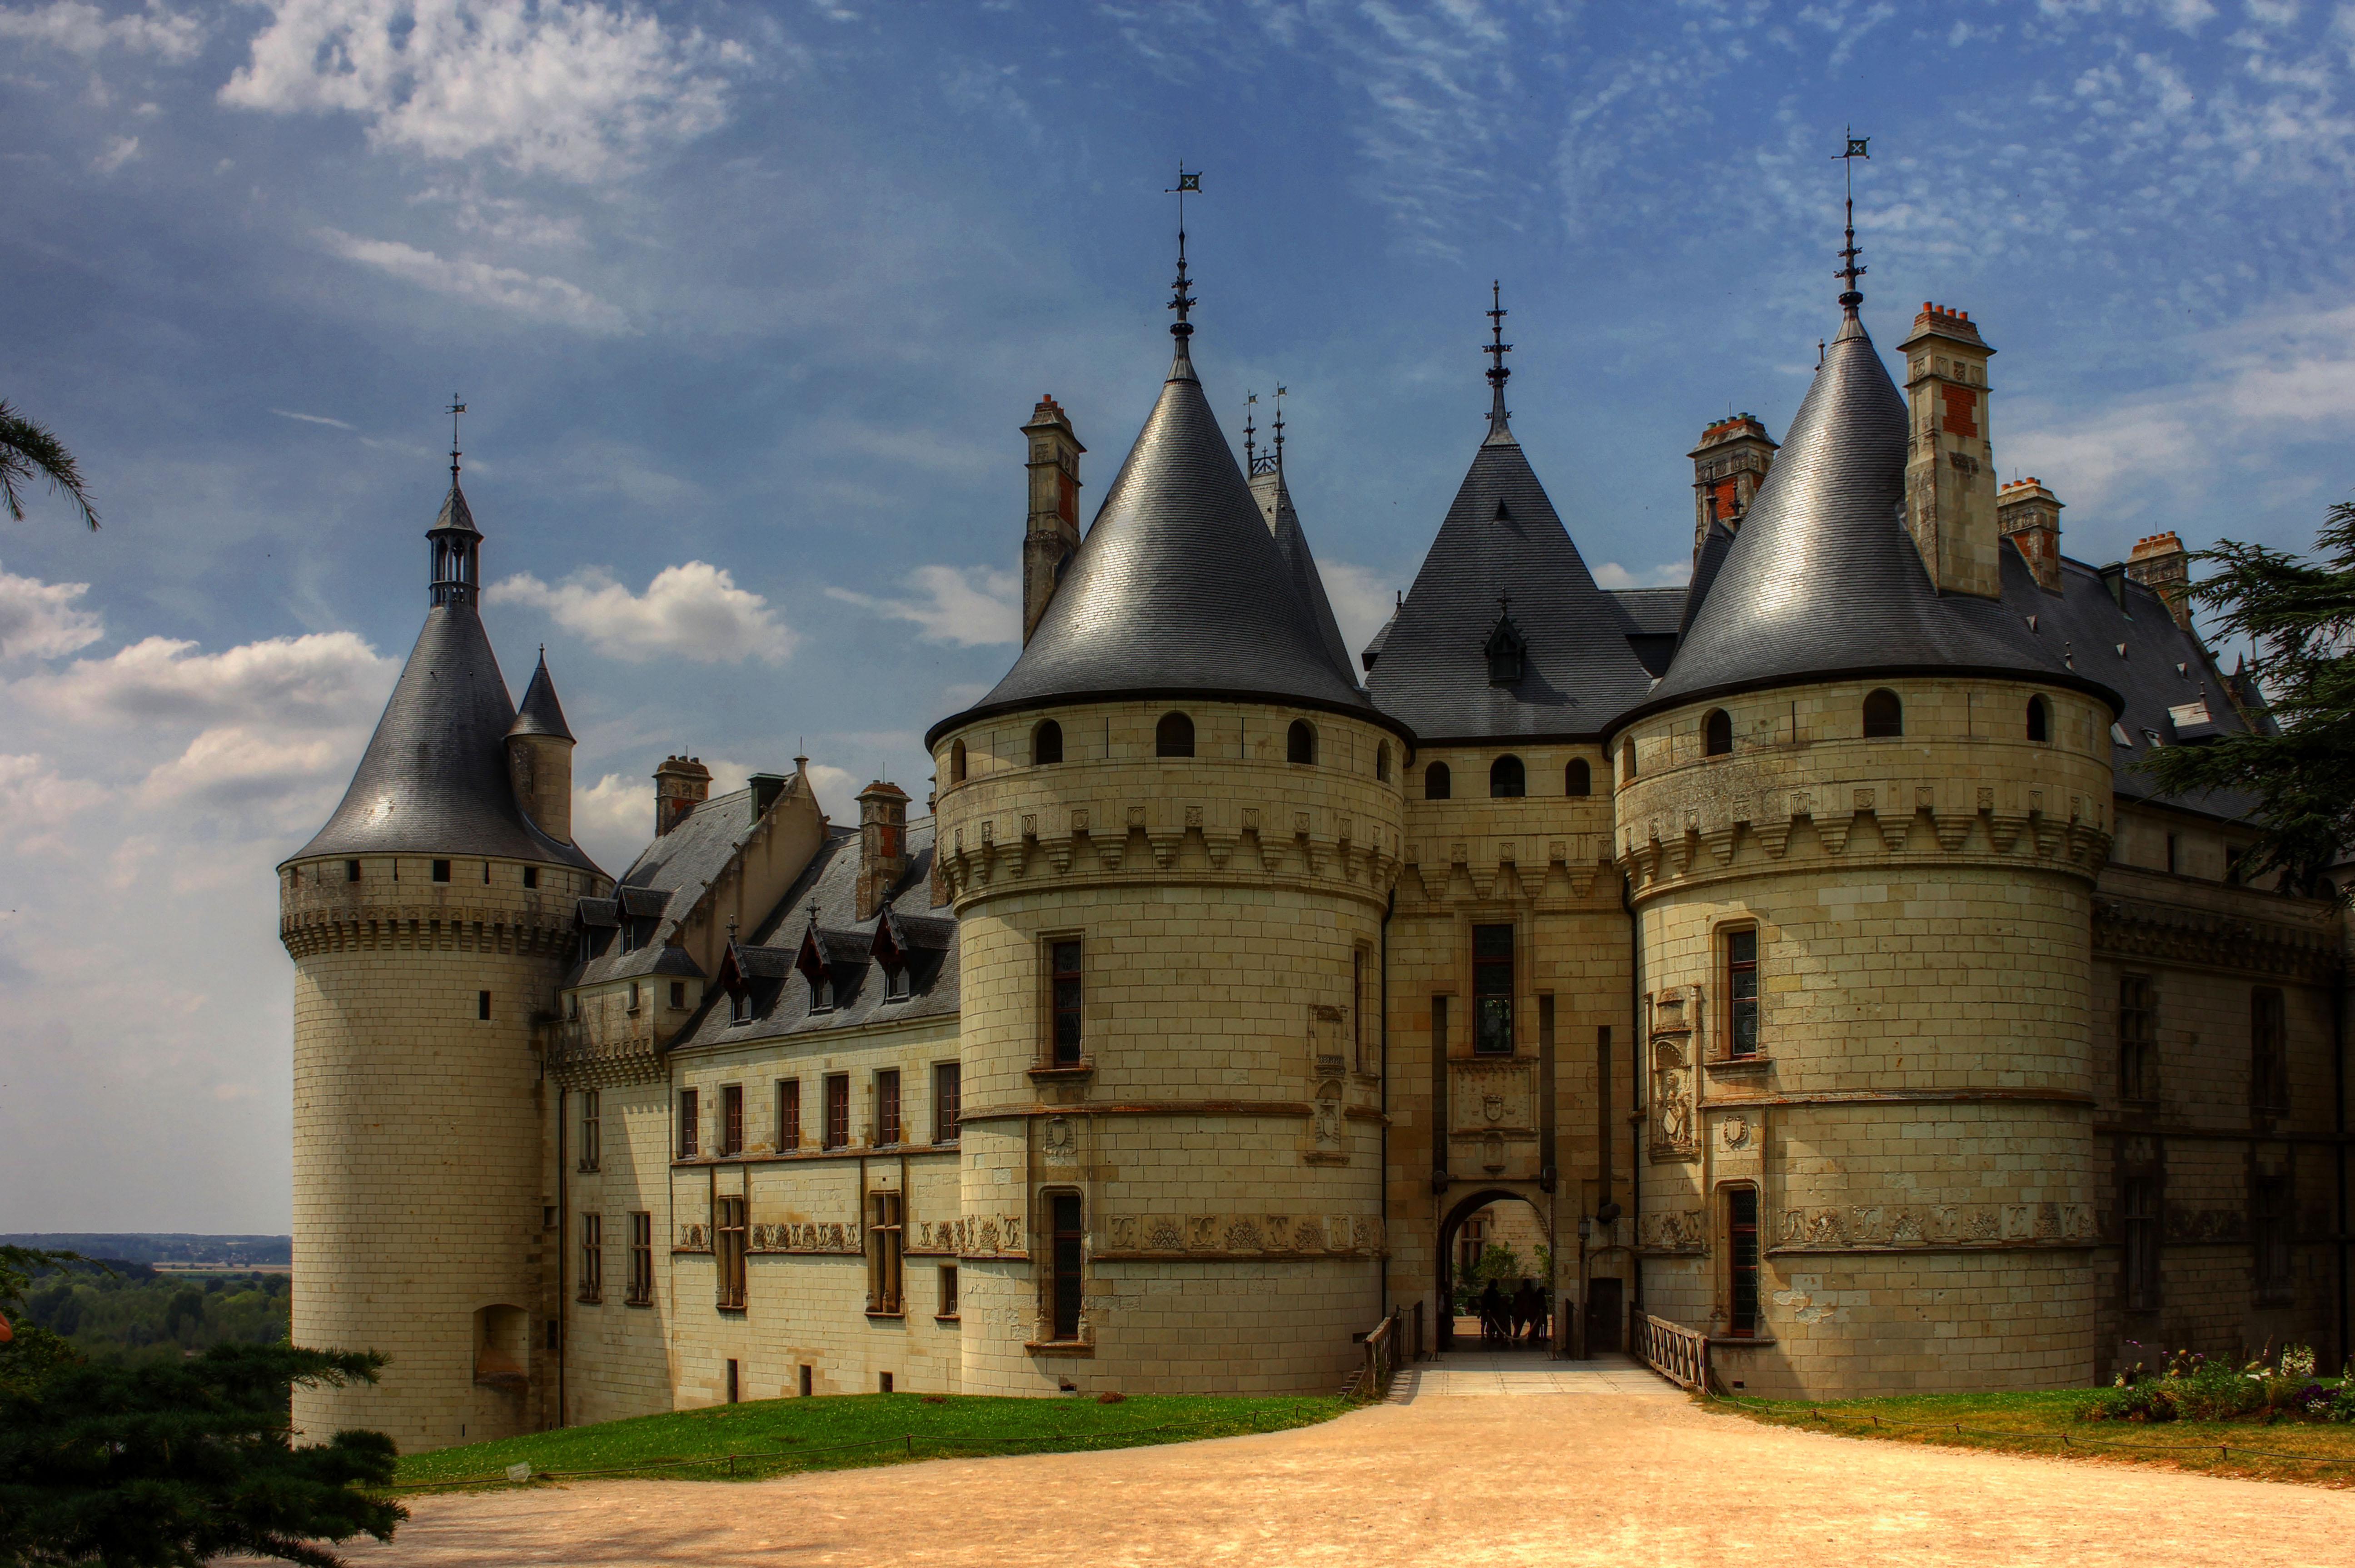 Assez File:Chateau de Chaumont-sur-Loire 02.jpg - Wikimedia Commons FR16